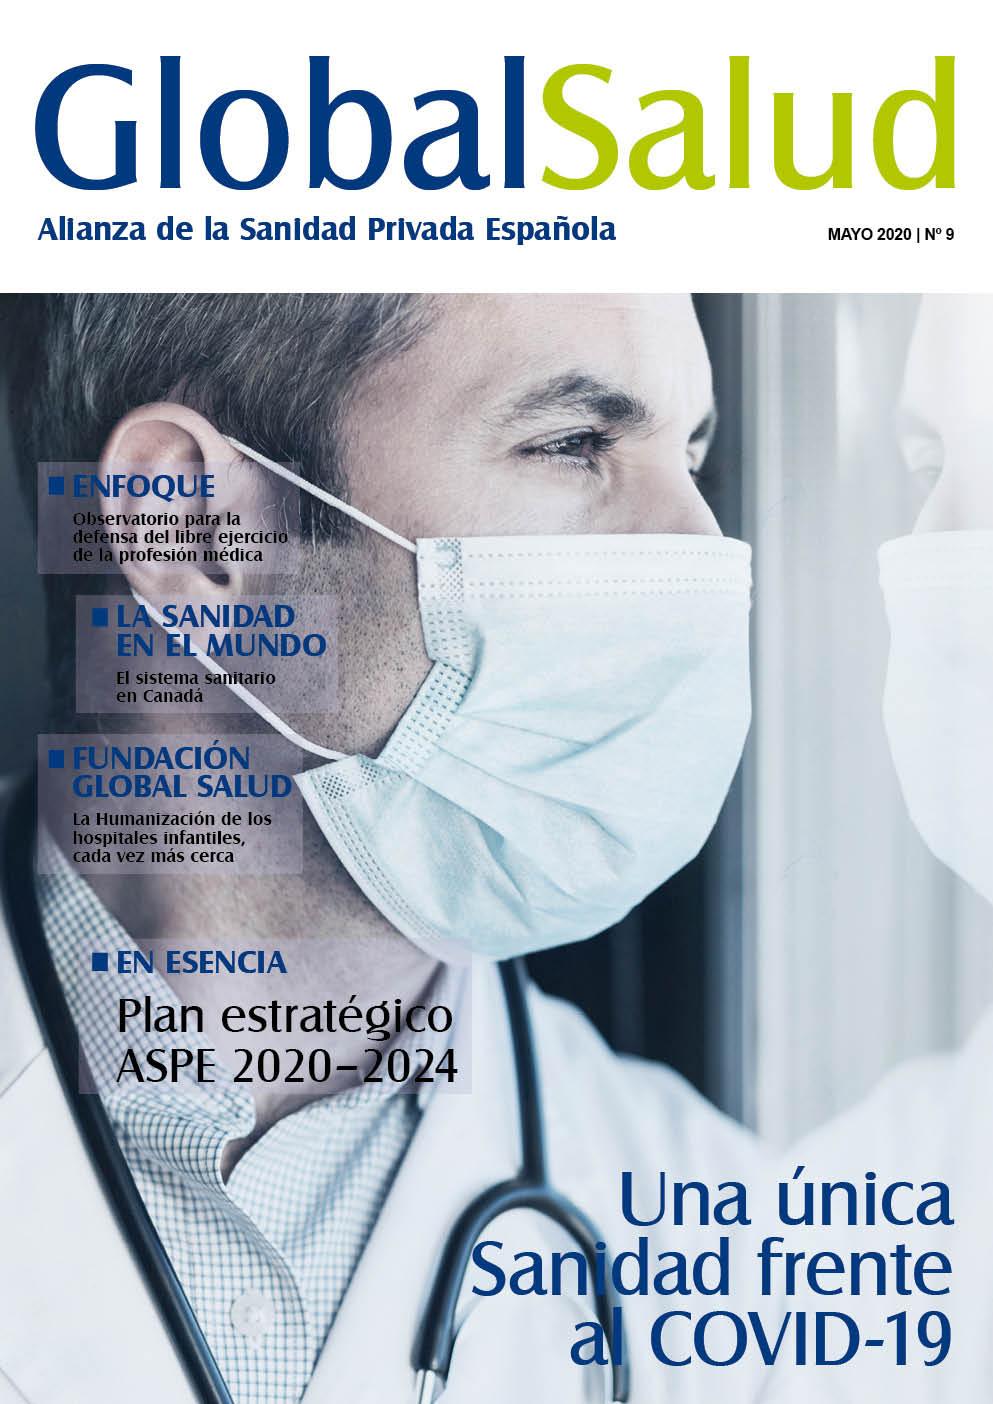 El nuevo número de la Revista Global Salud se centra en el papel de la Sanidad Privada en la crisis sanitaria del Coronavirus